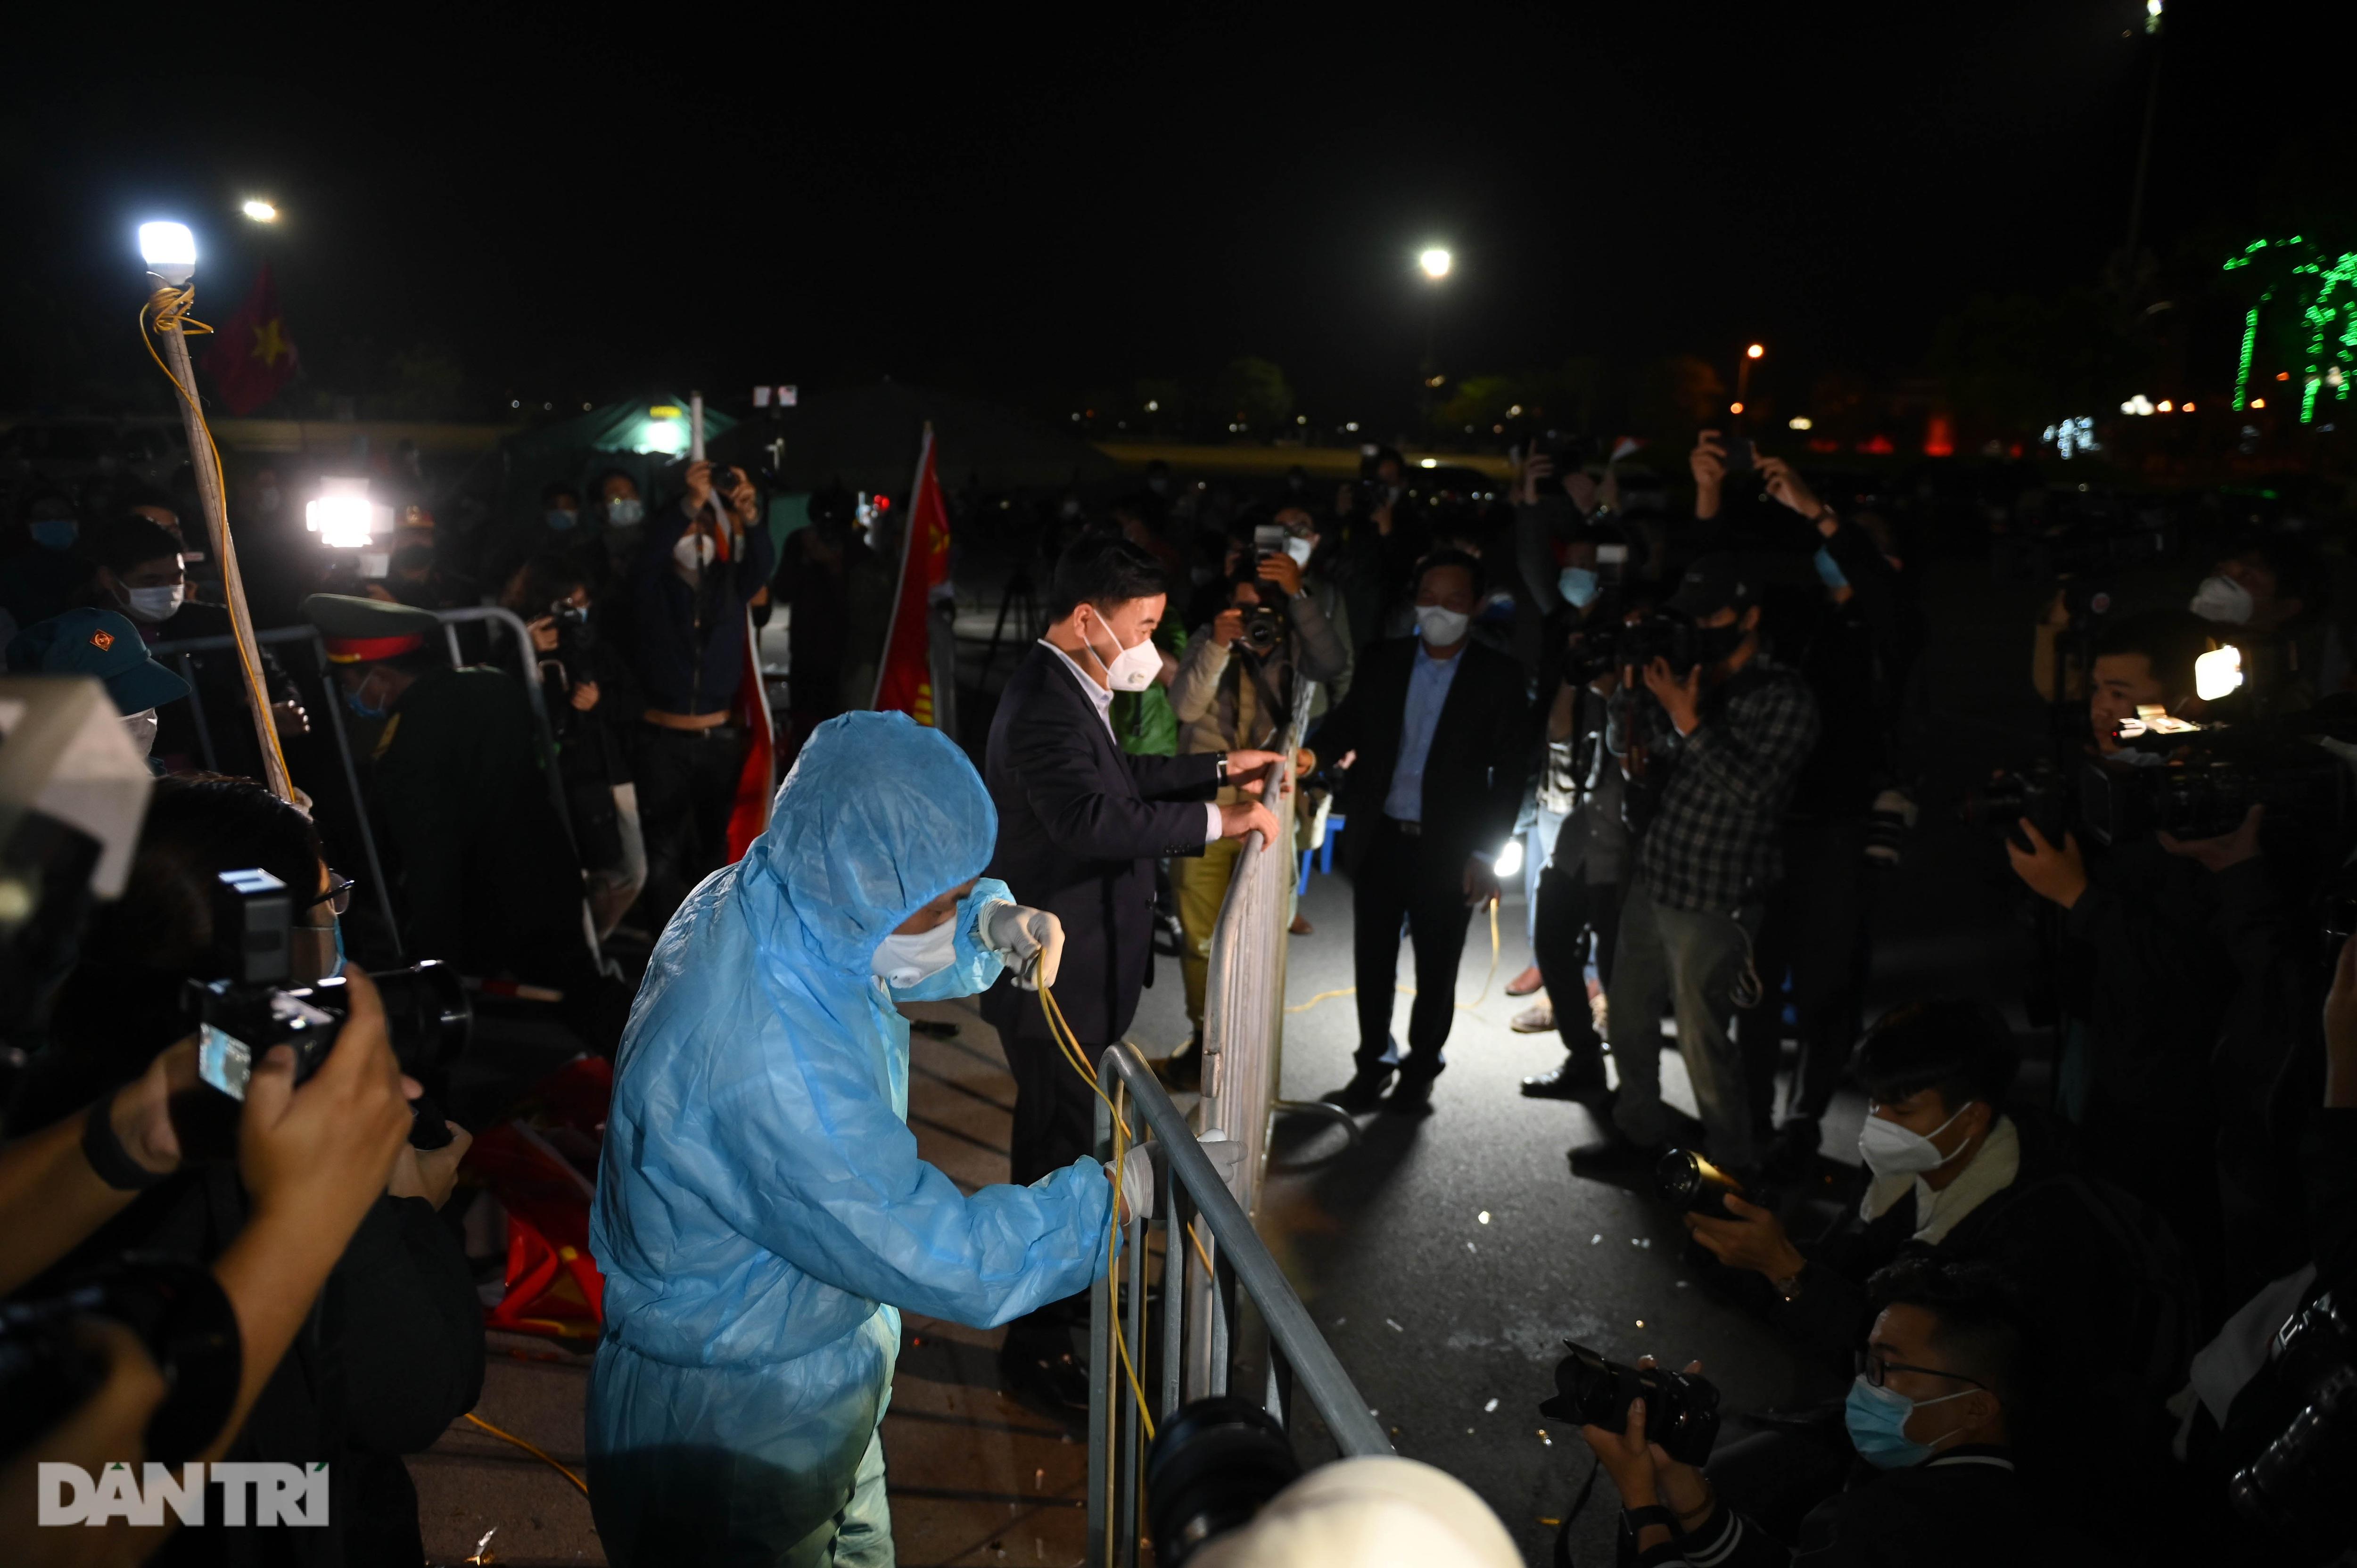 Pháo hoa rực rỡ, người dân vỡ òa cảm xúc khi TP Chí Linh được gỡ phong tỏa - Ảnh 7.